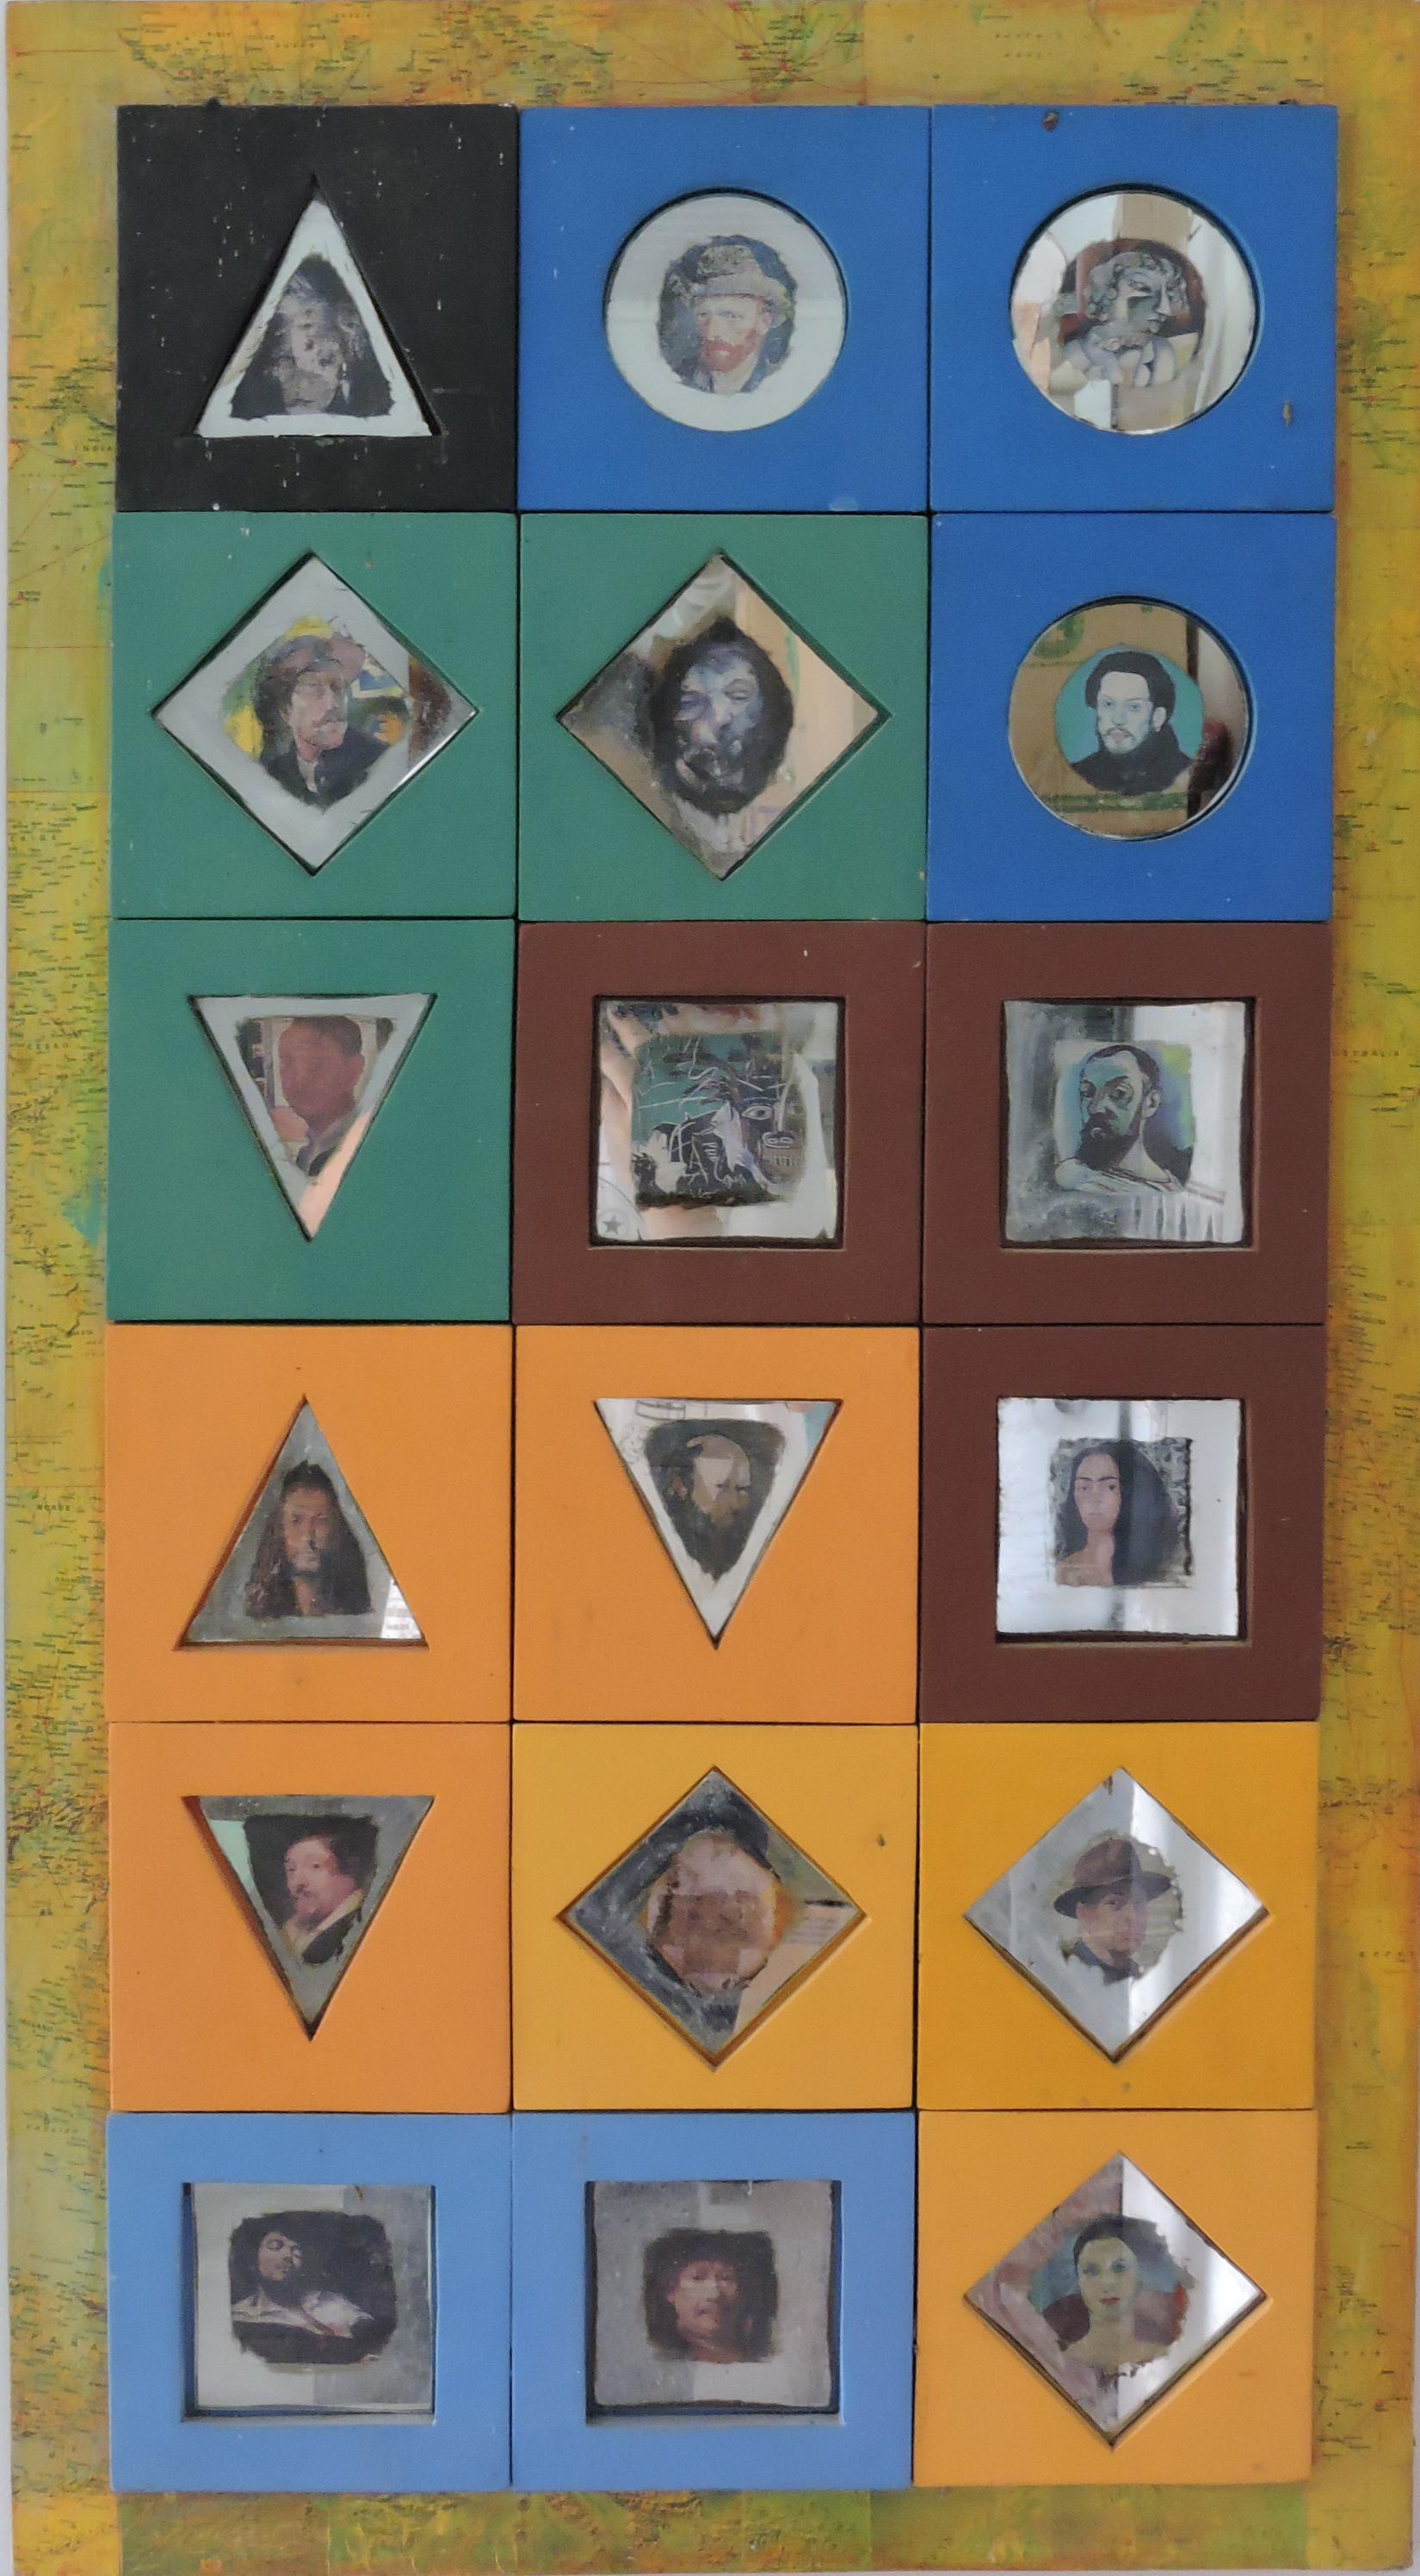 Vitória_Barros_-_Mapa-mundi,_2000._Objeto,_colagem,_92x50